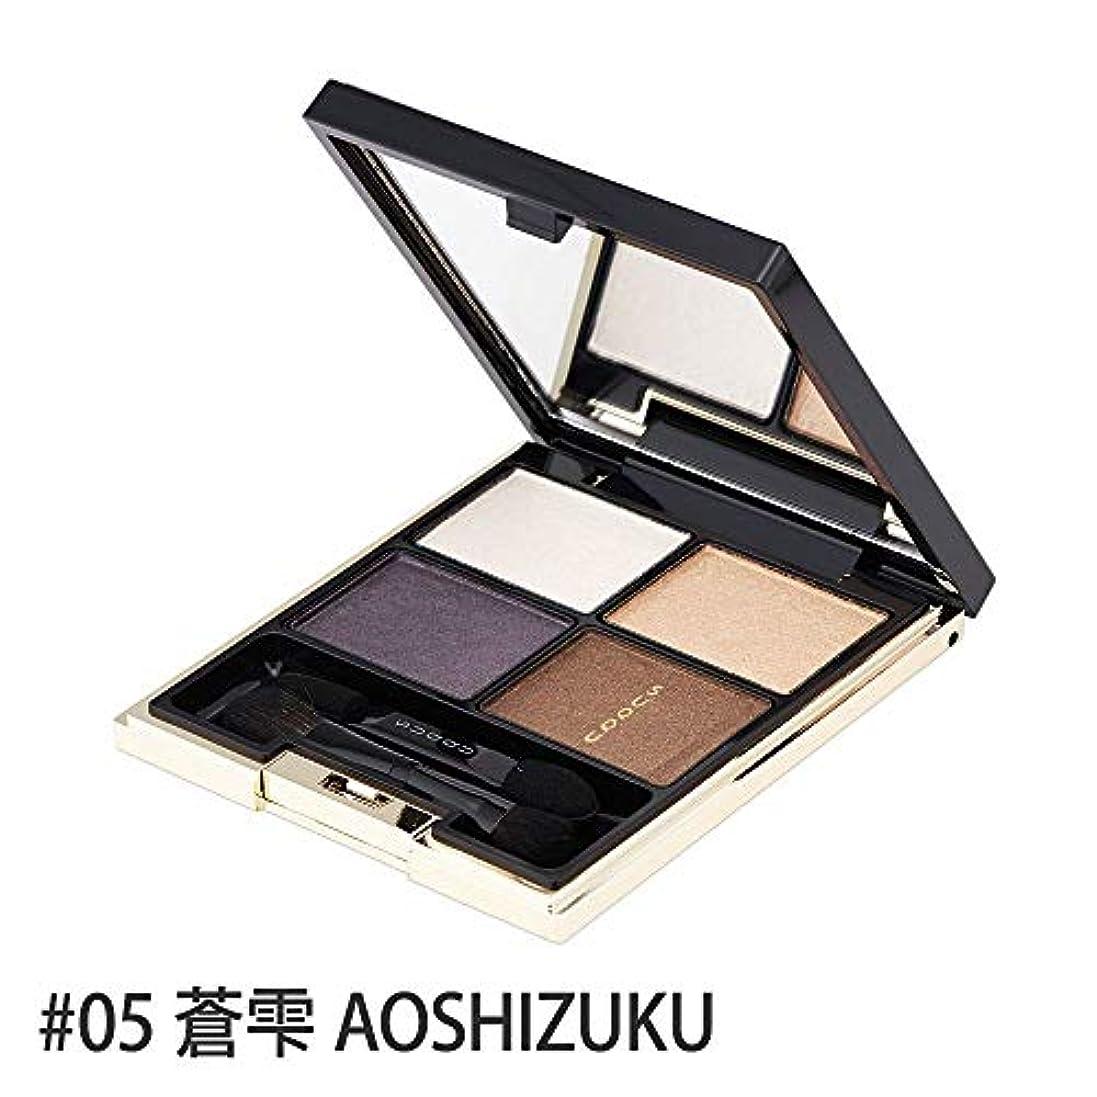 ランダムスリップシューズ気候の山SUQQU(スック) デザイニング カラー アイズ #05 蒼雫 AOSHIZUKU [並行輸入品]